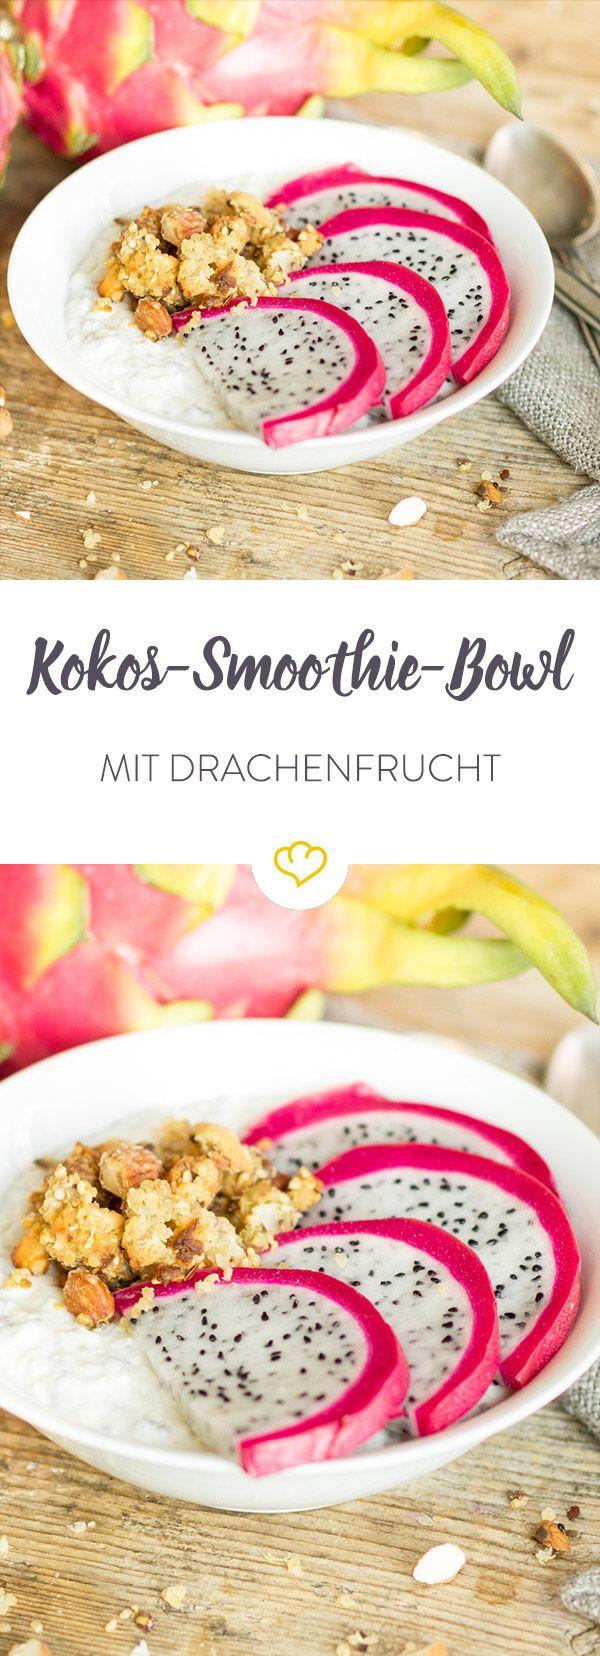 Diese Smoothie Bowl schmeckt nach Fernweh - nach cremiger Kokosnuss und exotischer Drachenfrucht. Besonders lecker: die knusprigen Quinoa Crispies.